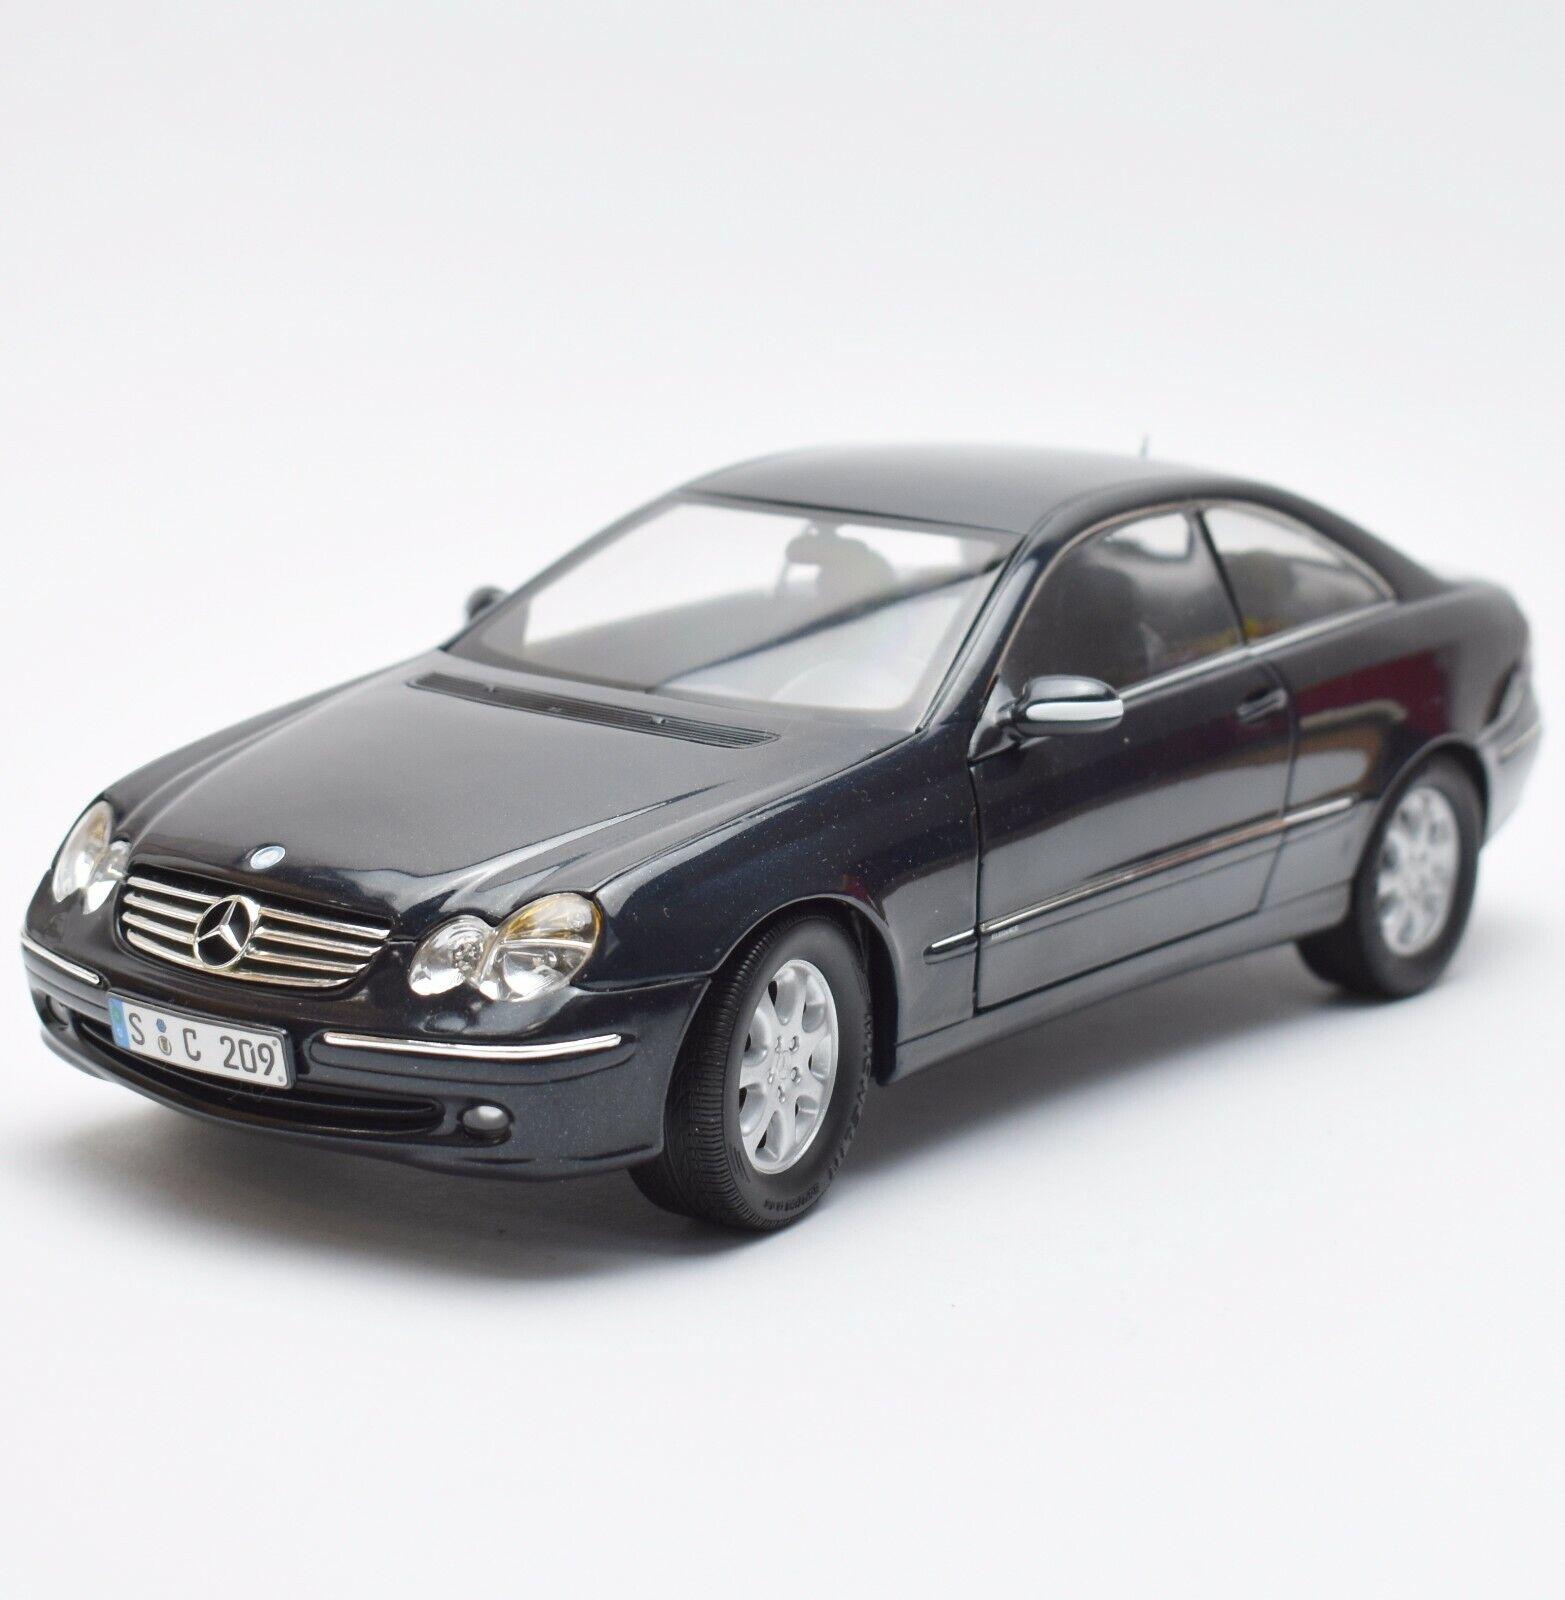 bienvenido a elegir Kyosho Mercedes Mercedes Mercedes Benz CLK Sport Coupe en lacado en negro, 1 18, embalaje original, k017  de moda